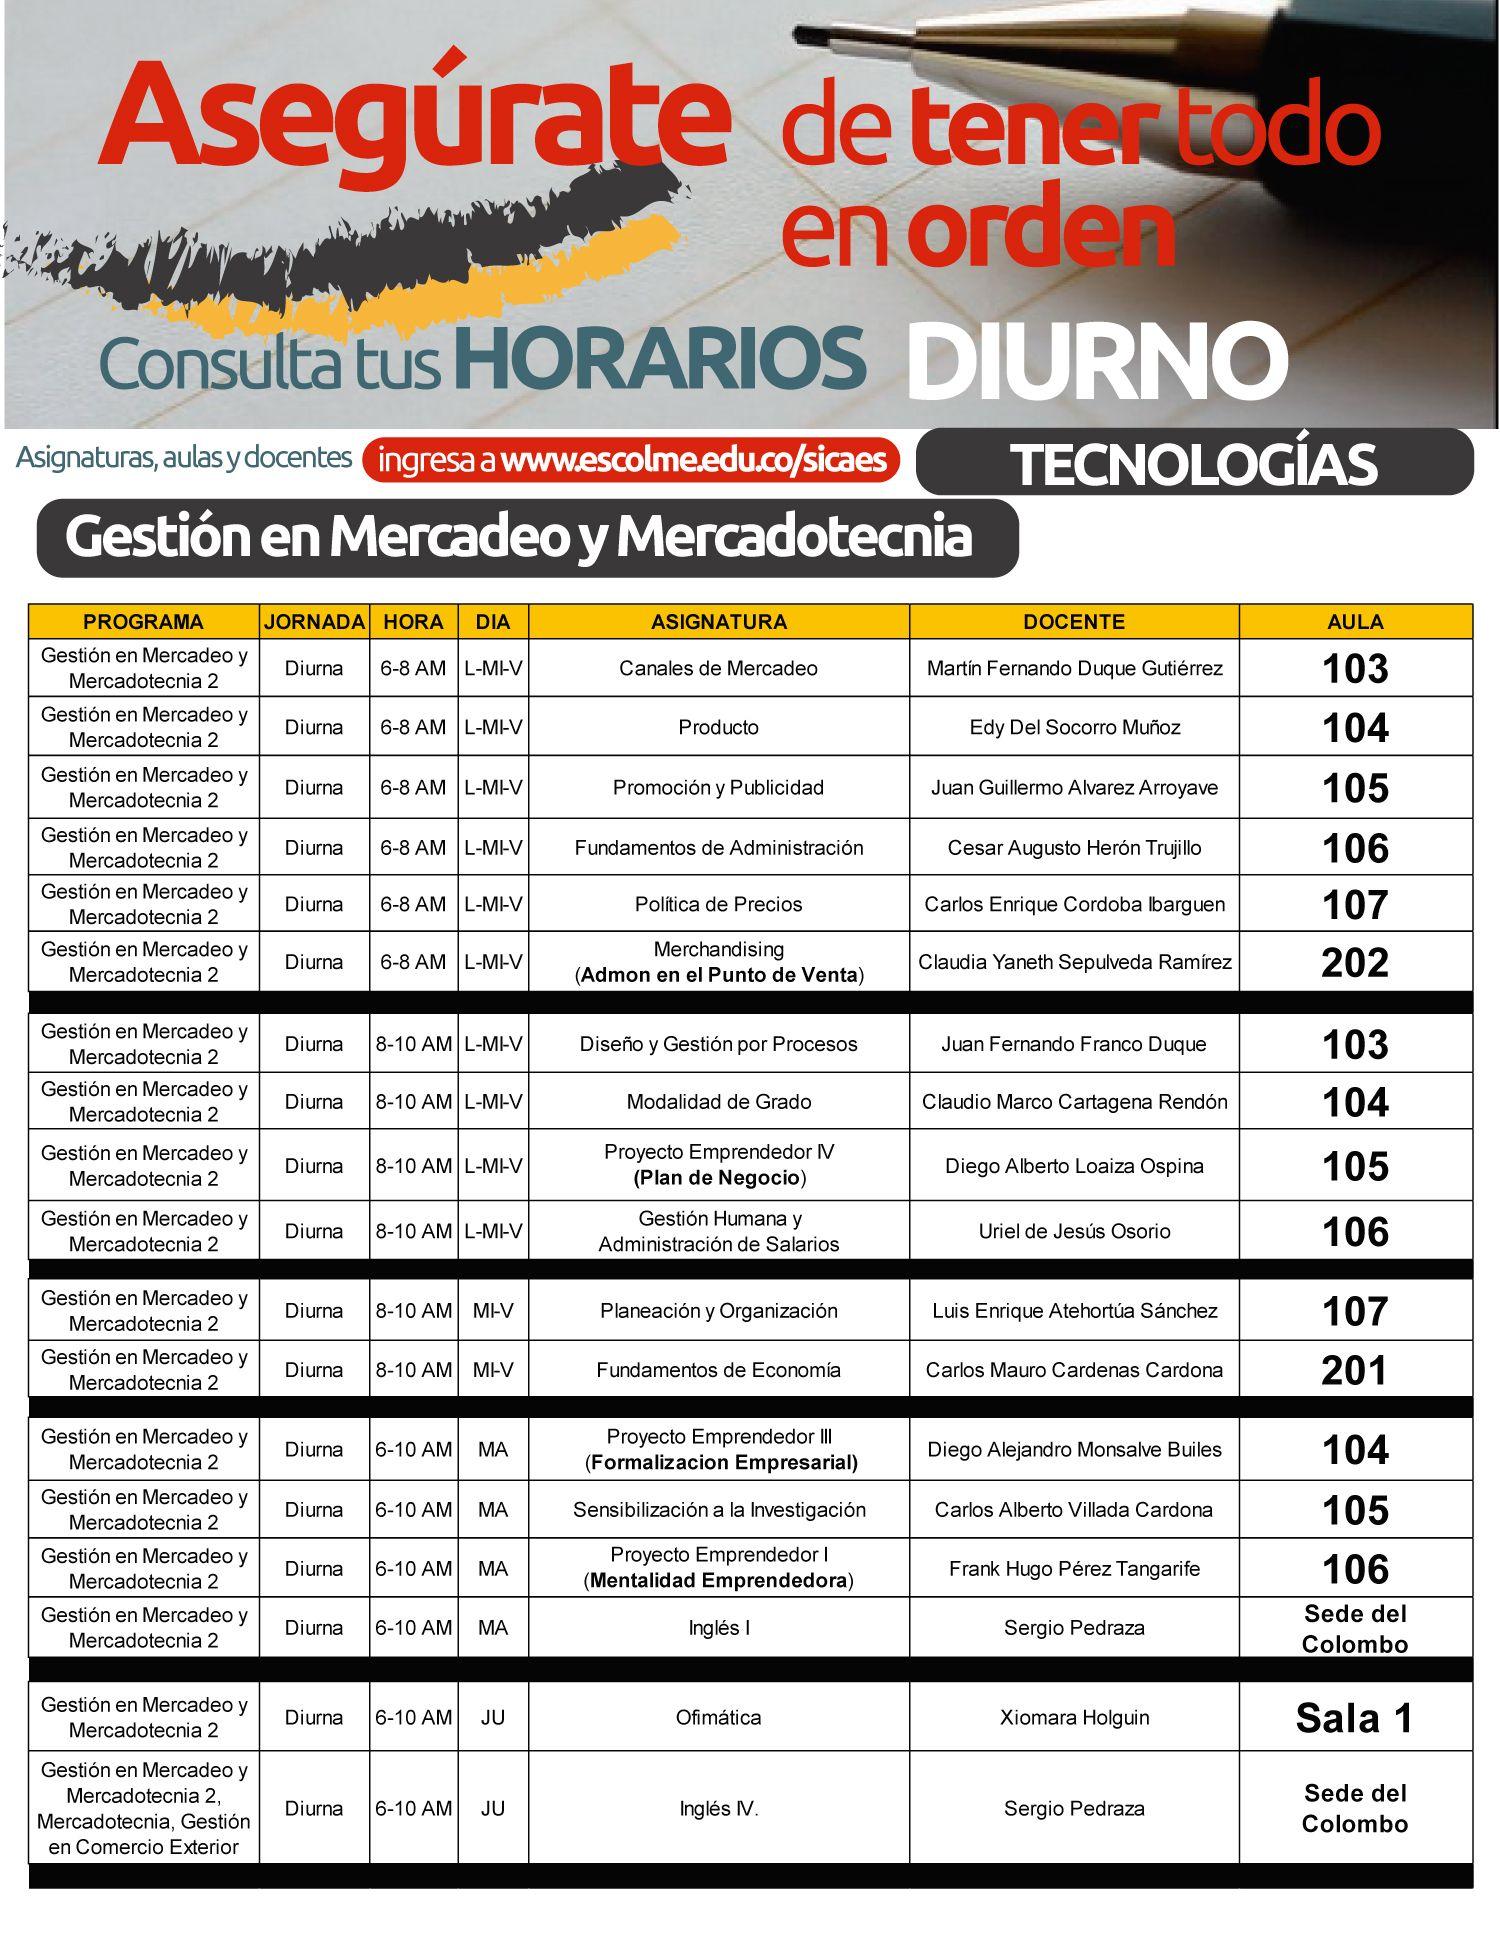 @Escolmeeduco Horario Diurno tecnología en Gestión en Mercadeo y Mercadotecnia.